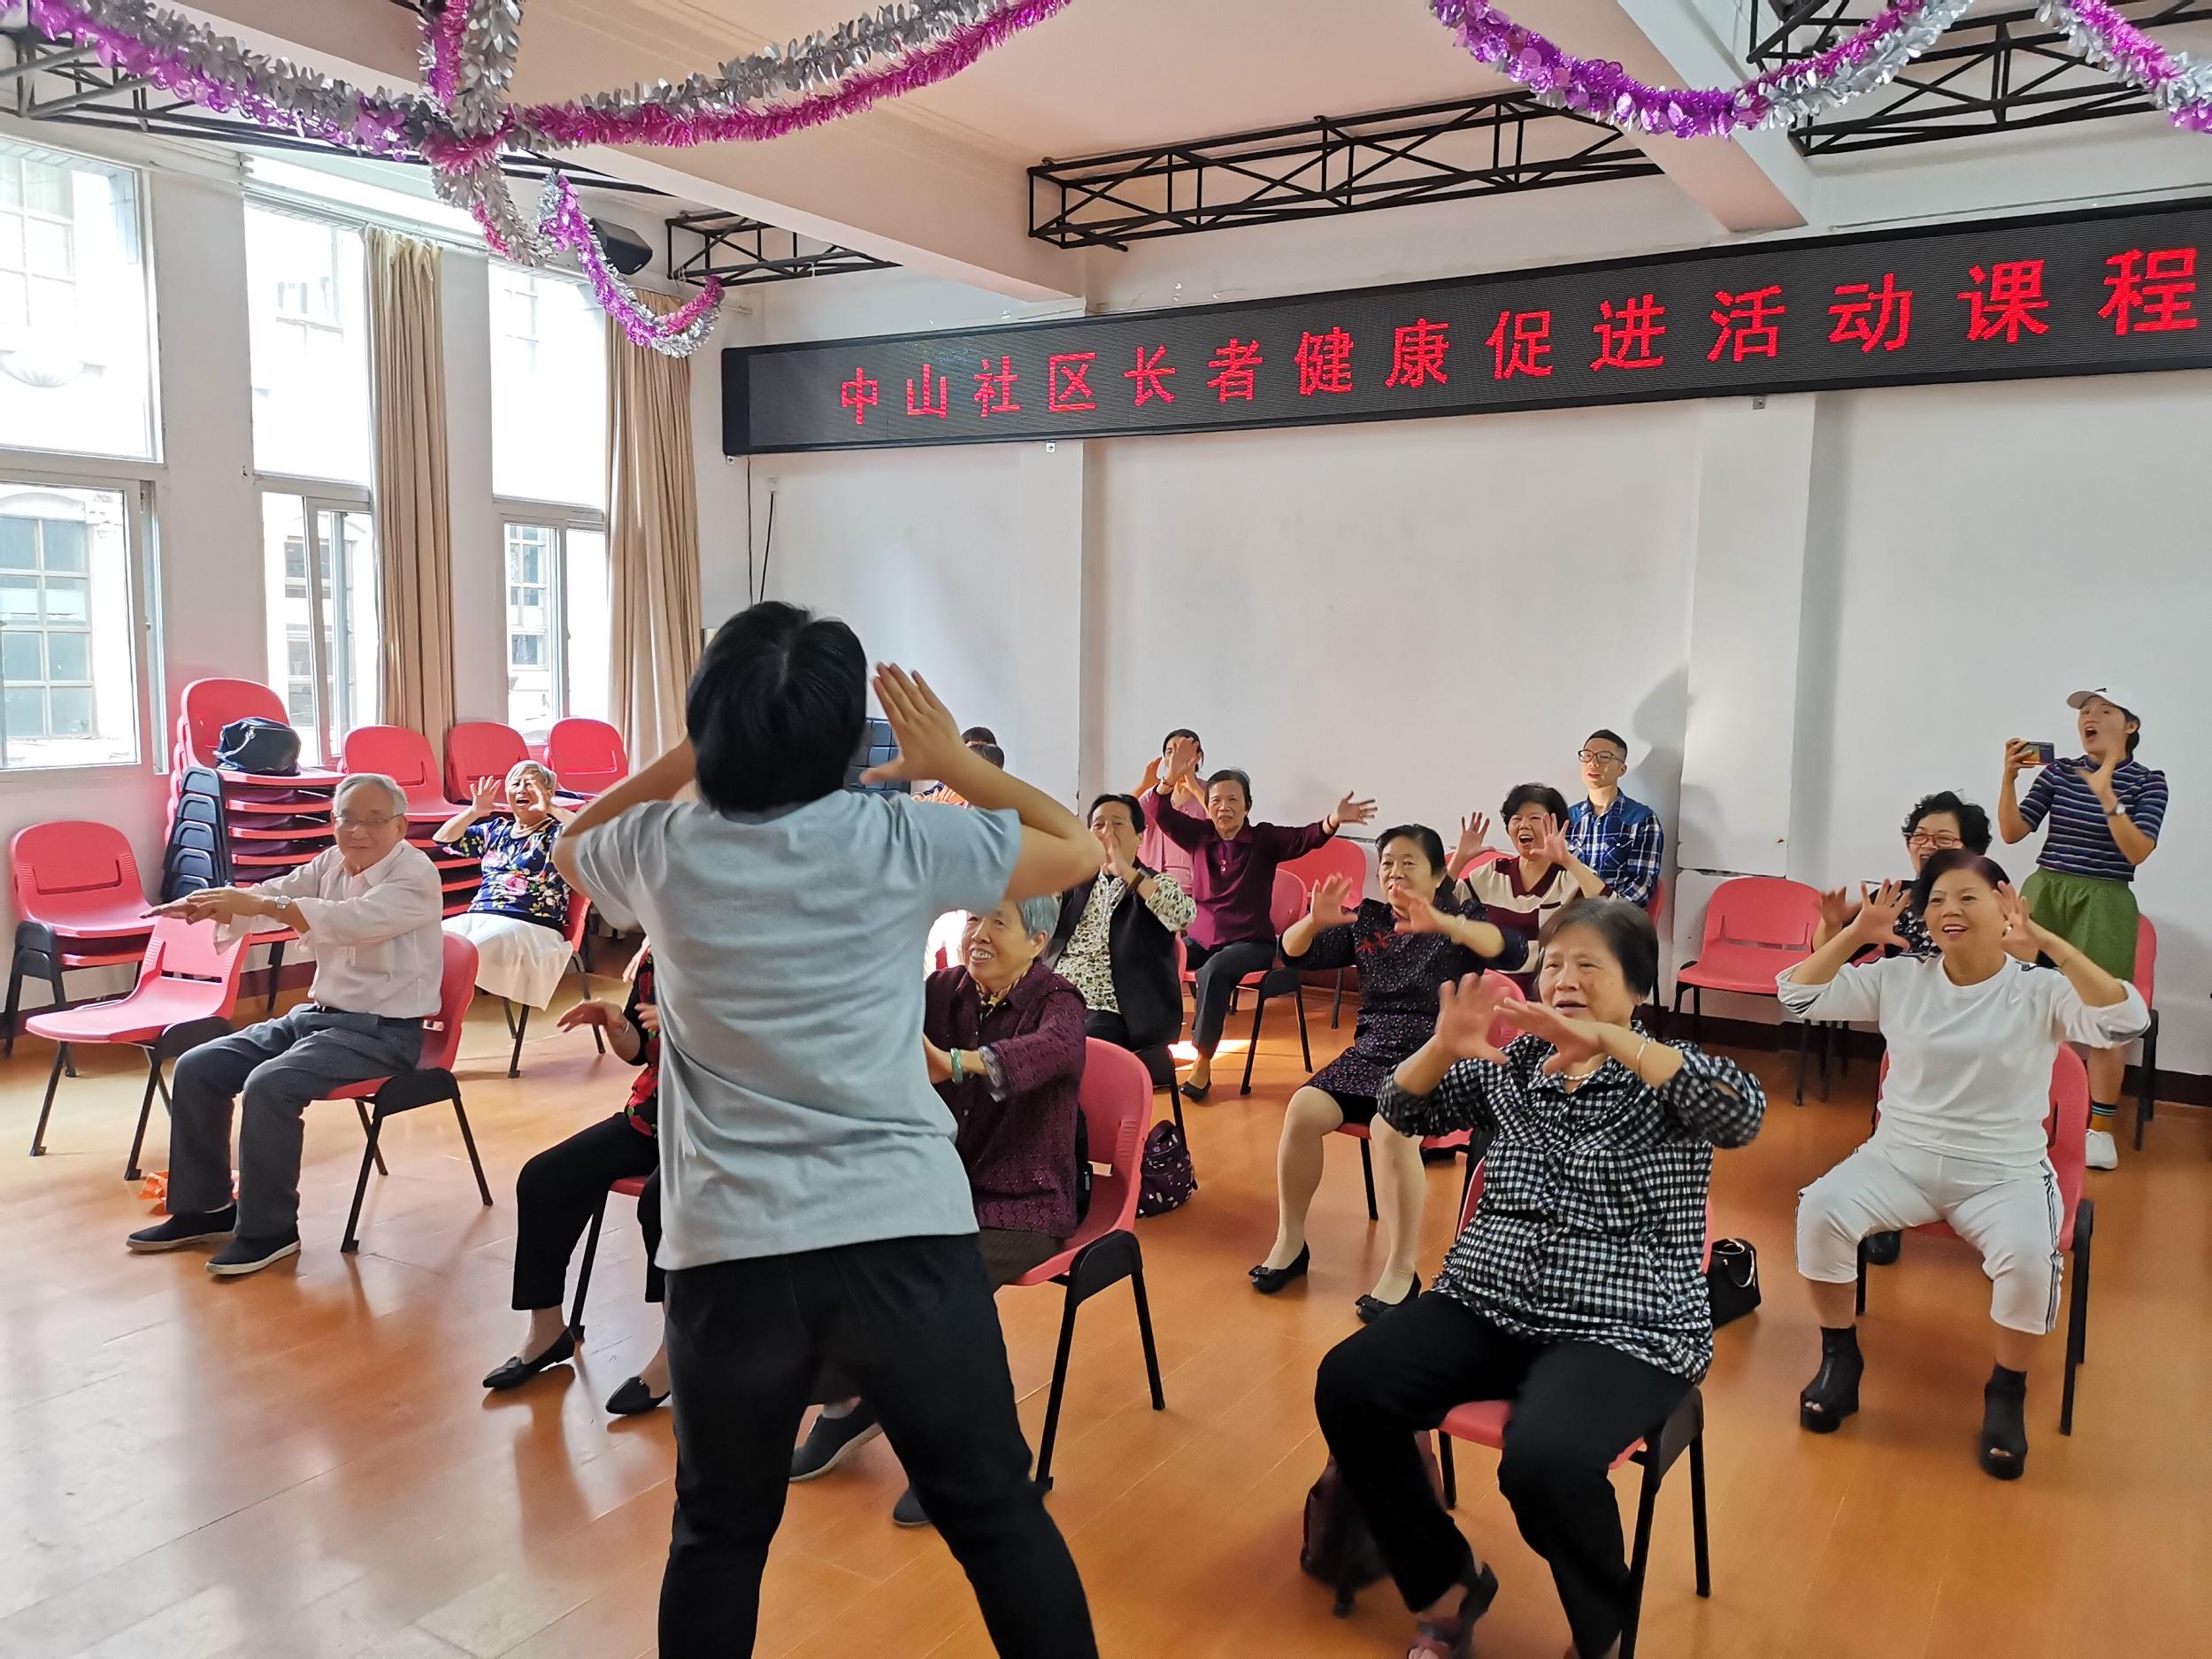 中山社区长者健康促进活动课程启动